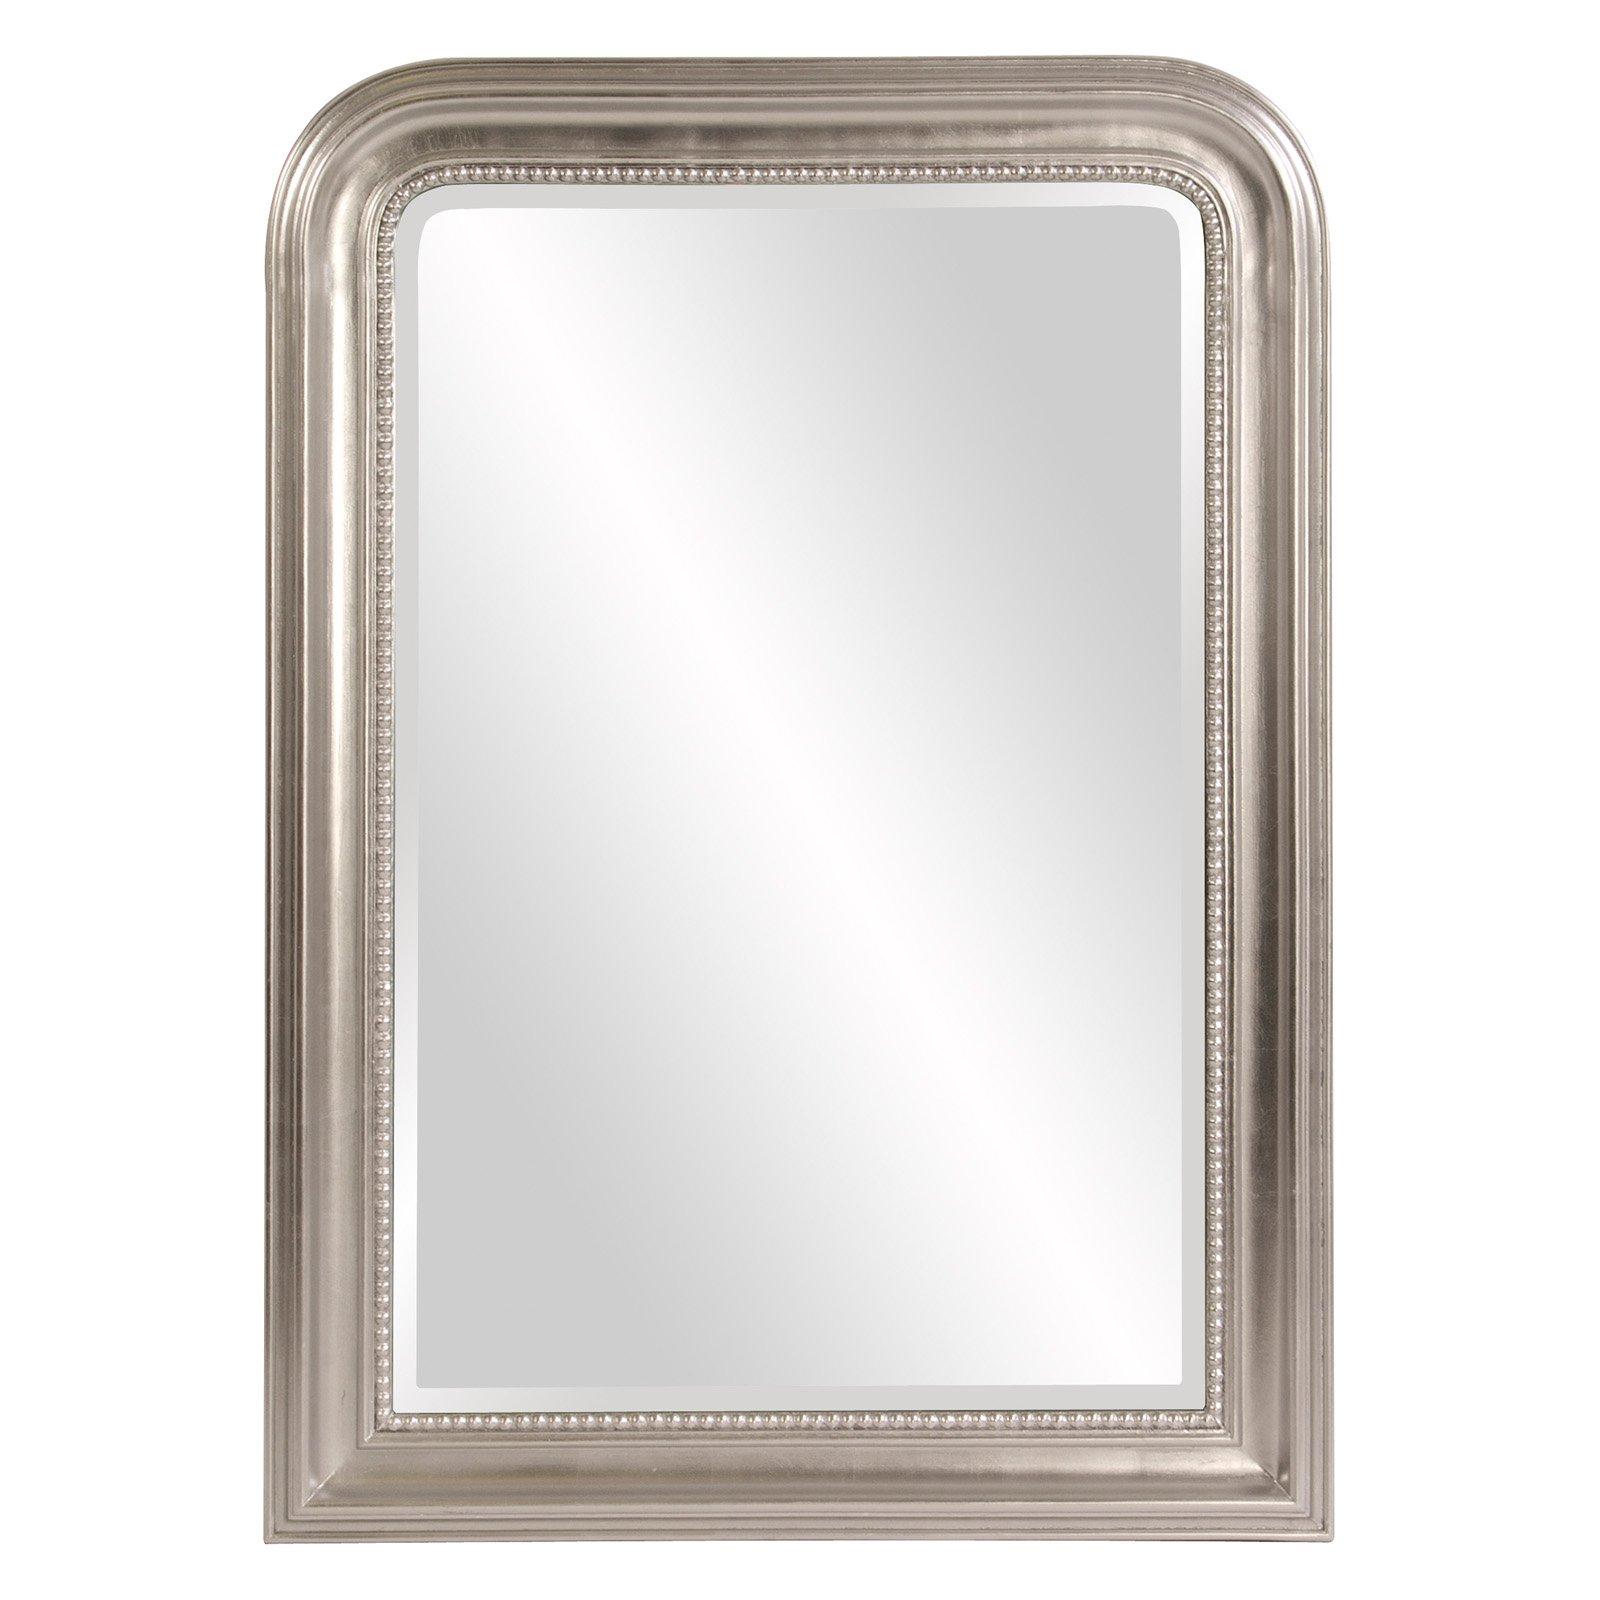 Elizabeth Austin Sterling Arched Wall Mirror - 30.5 x 42H in.